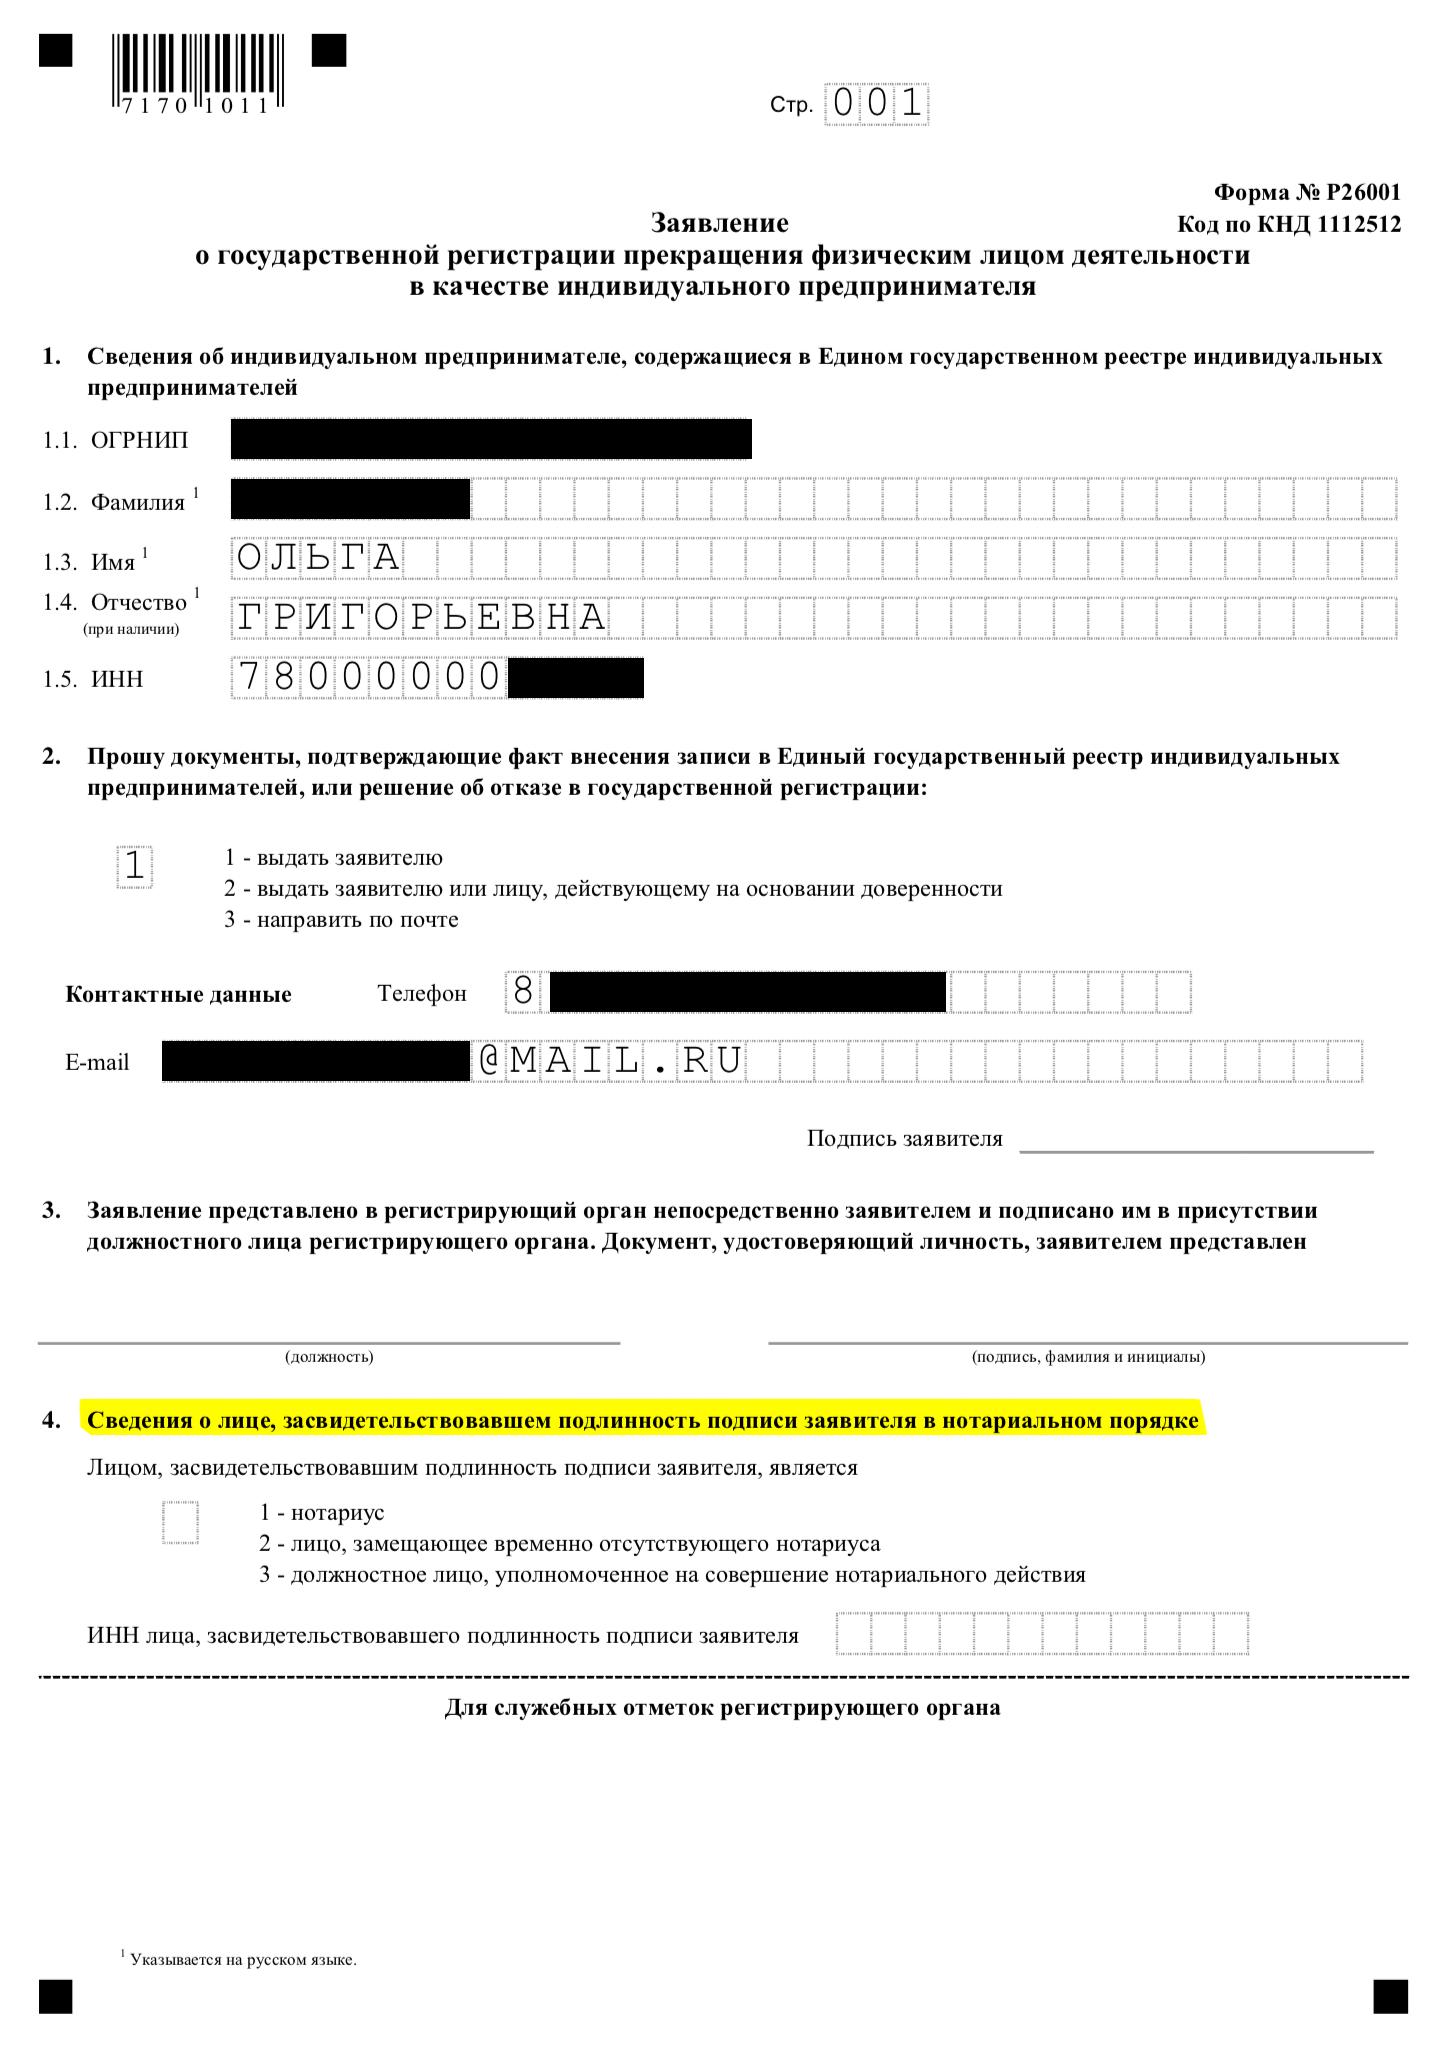 Нотариально заверенное заявление на регистрацию ип декларация 3 ндфл 2019 бланки заполнения для физических лиц